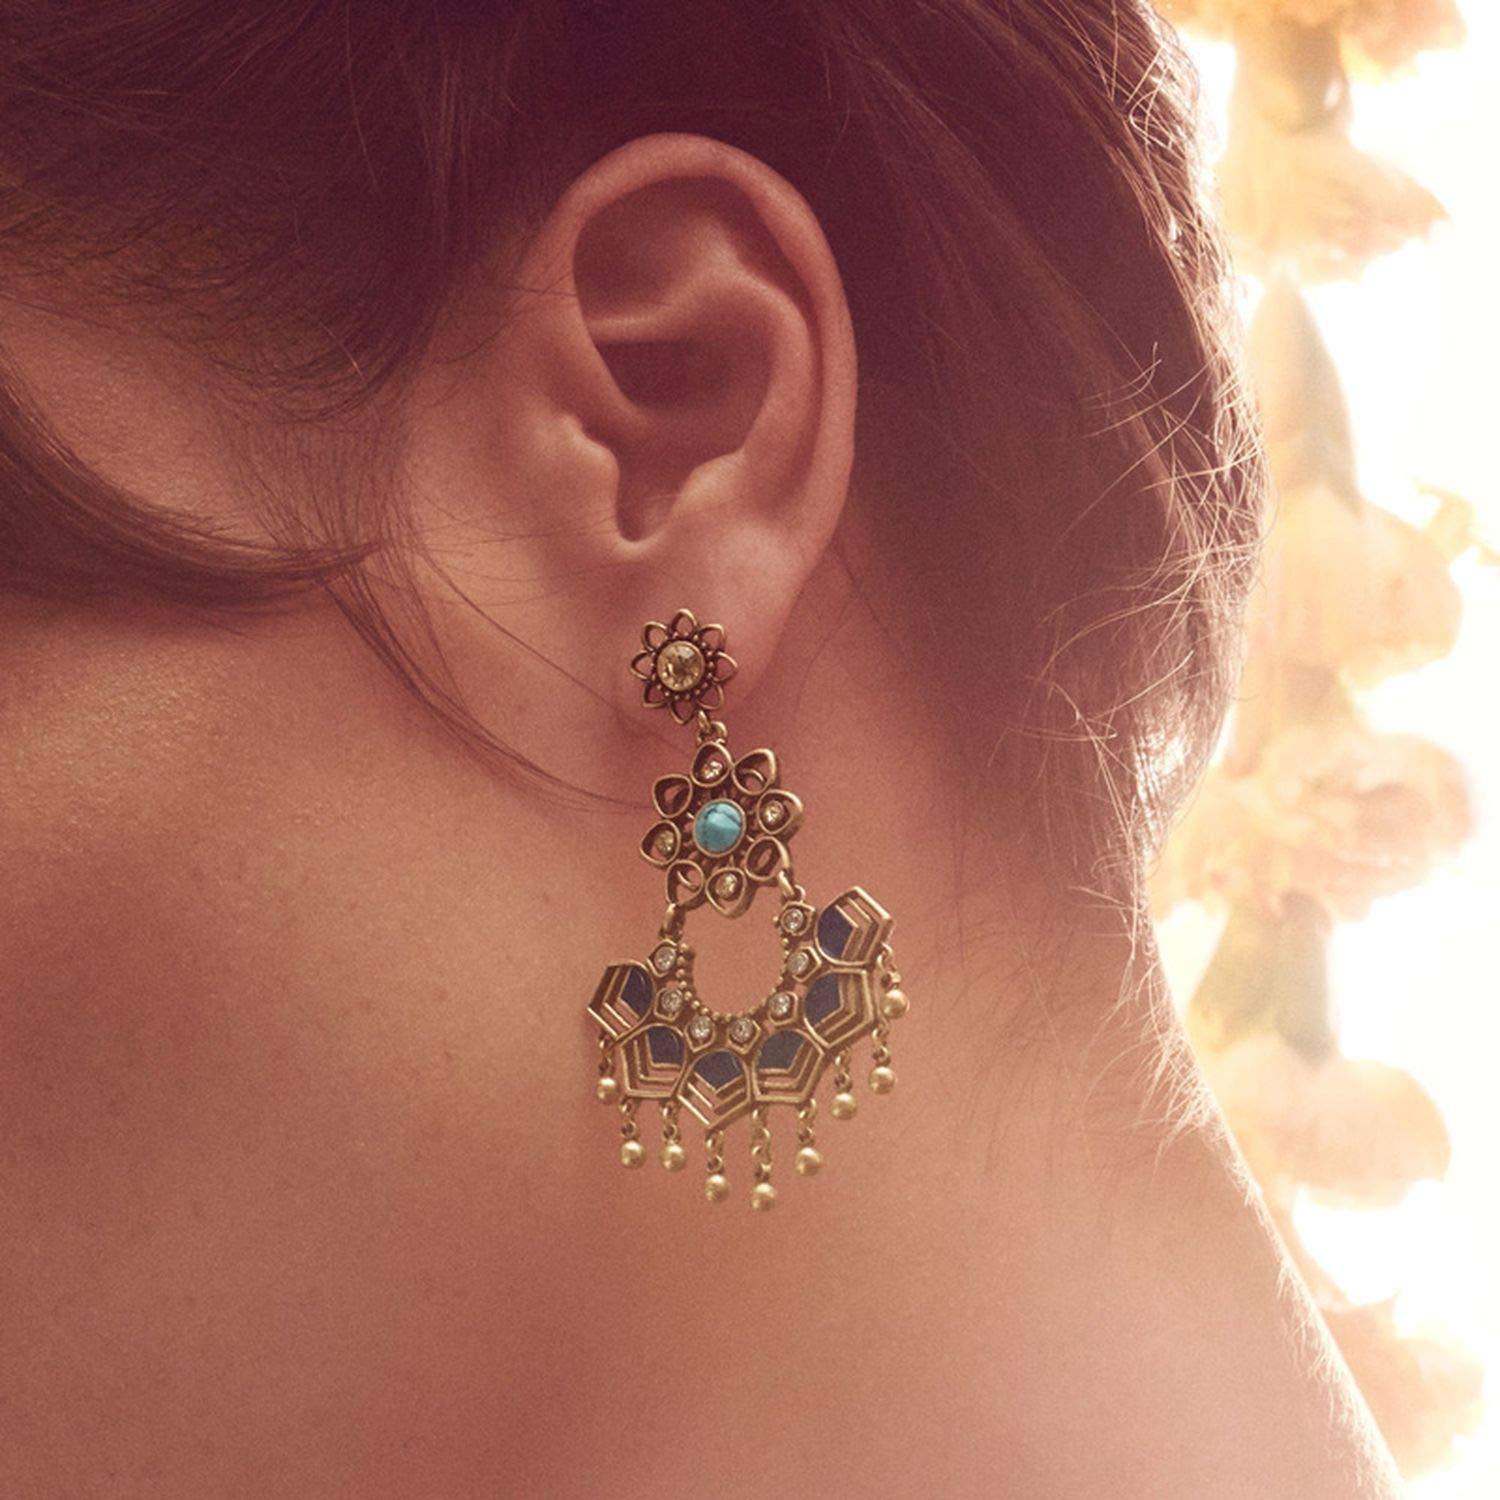 Jewelry Vintage Statement Earring Chandelier Earring Jewelry Earring